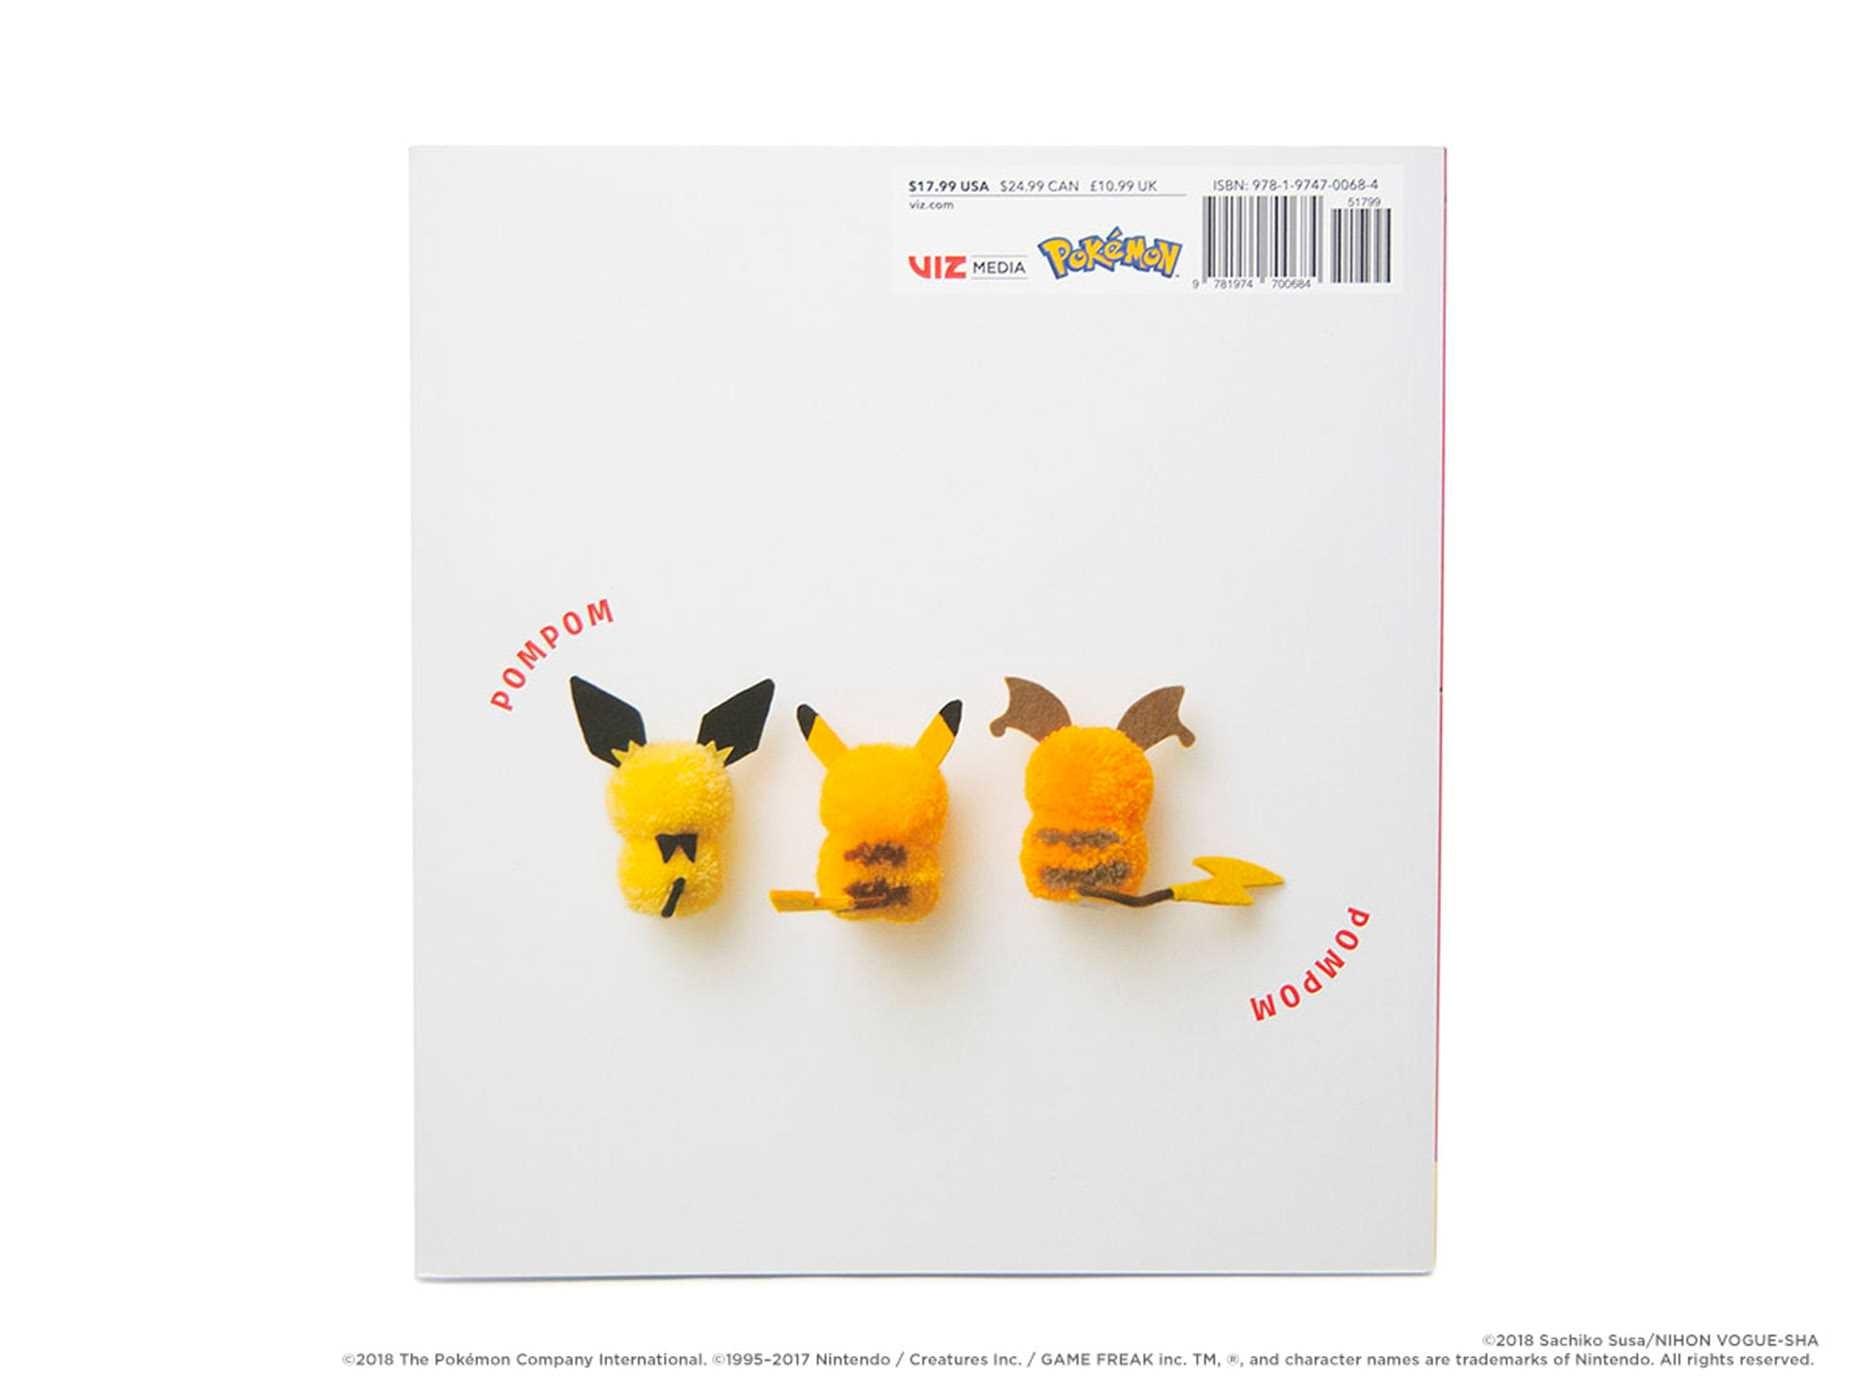 Pompom pokemon 9781974700684.in05